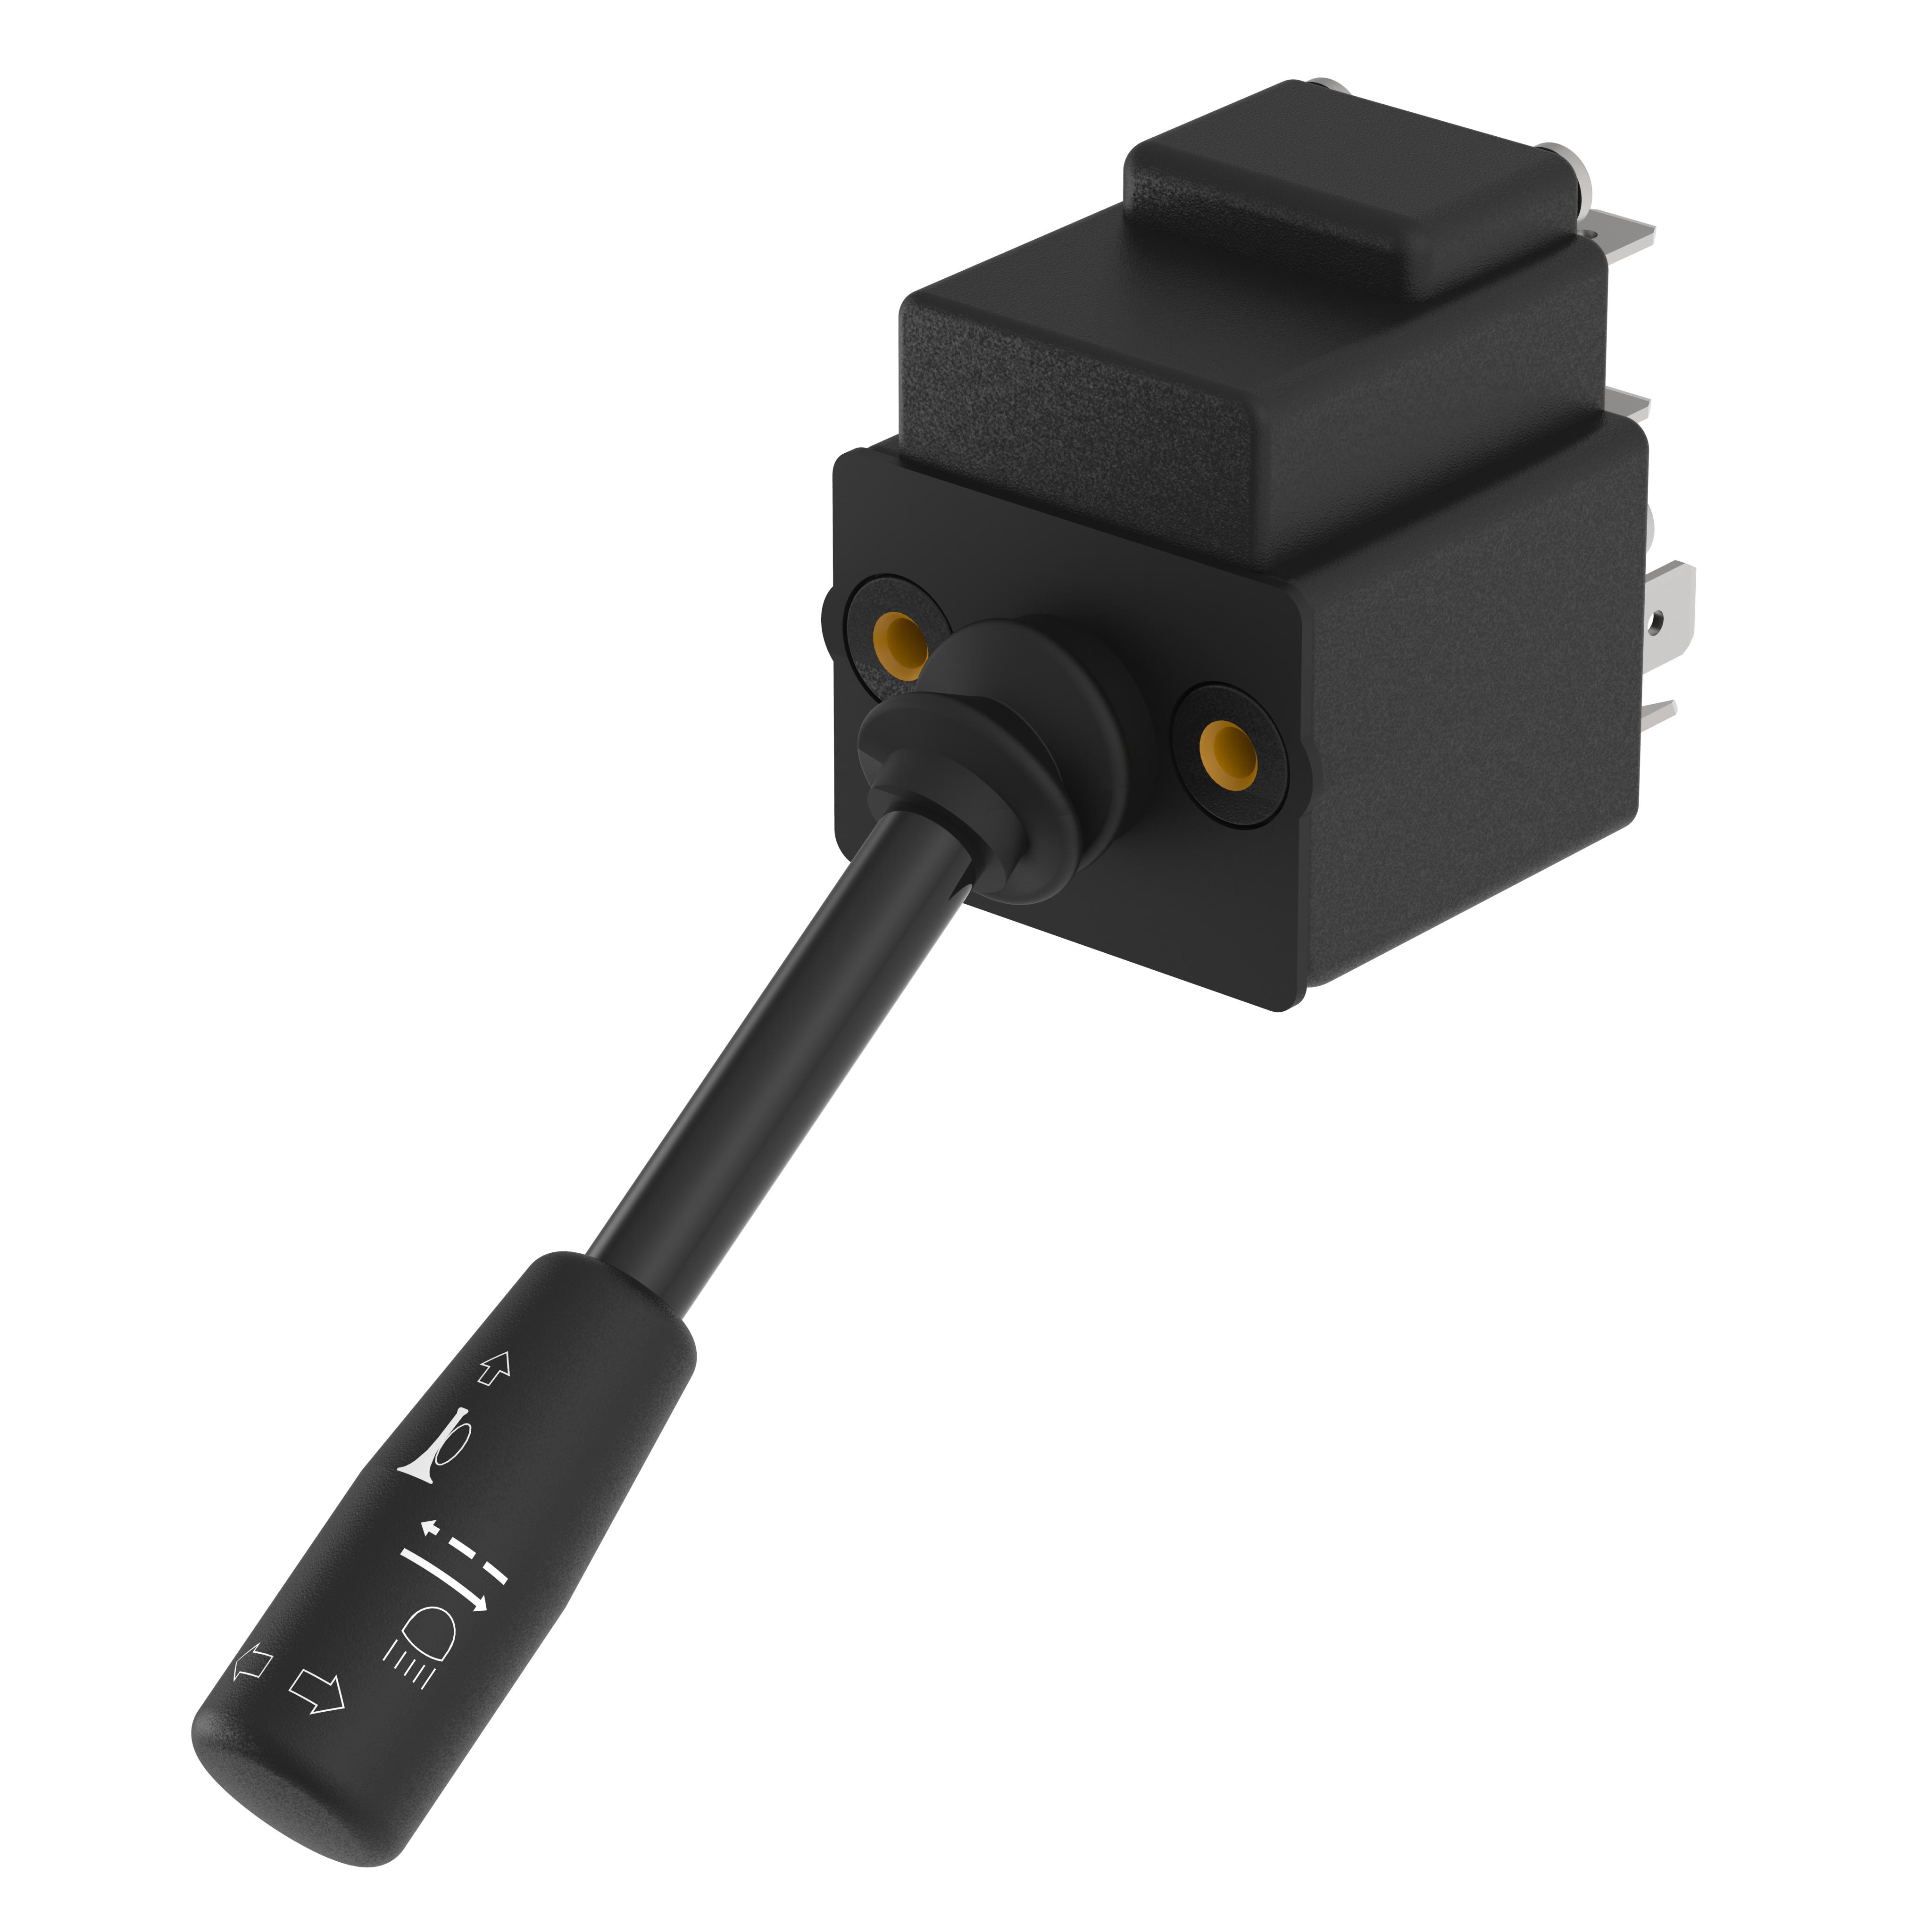 Universalschalter Standard - 151UMS10B - rastend, kleiner Griff mit Aufdruck